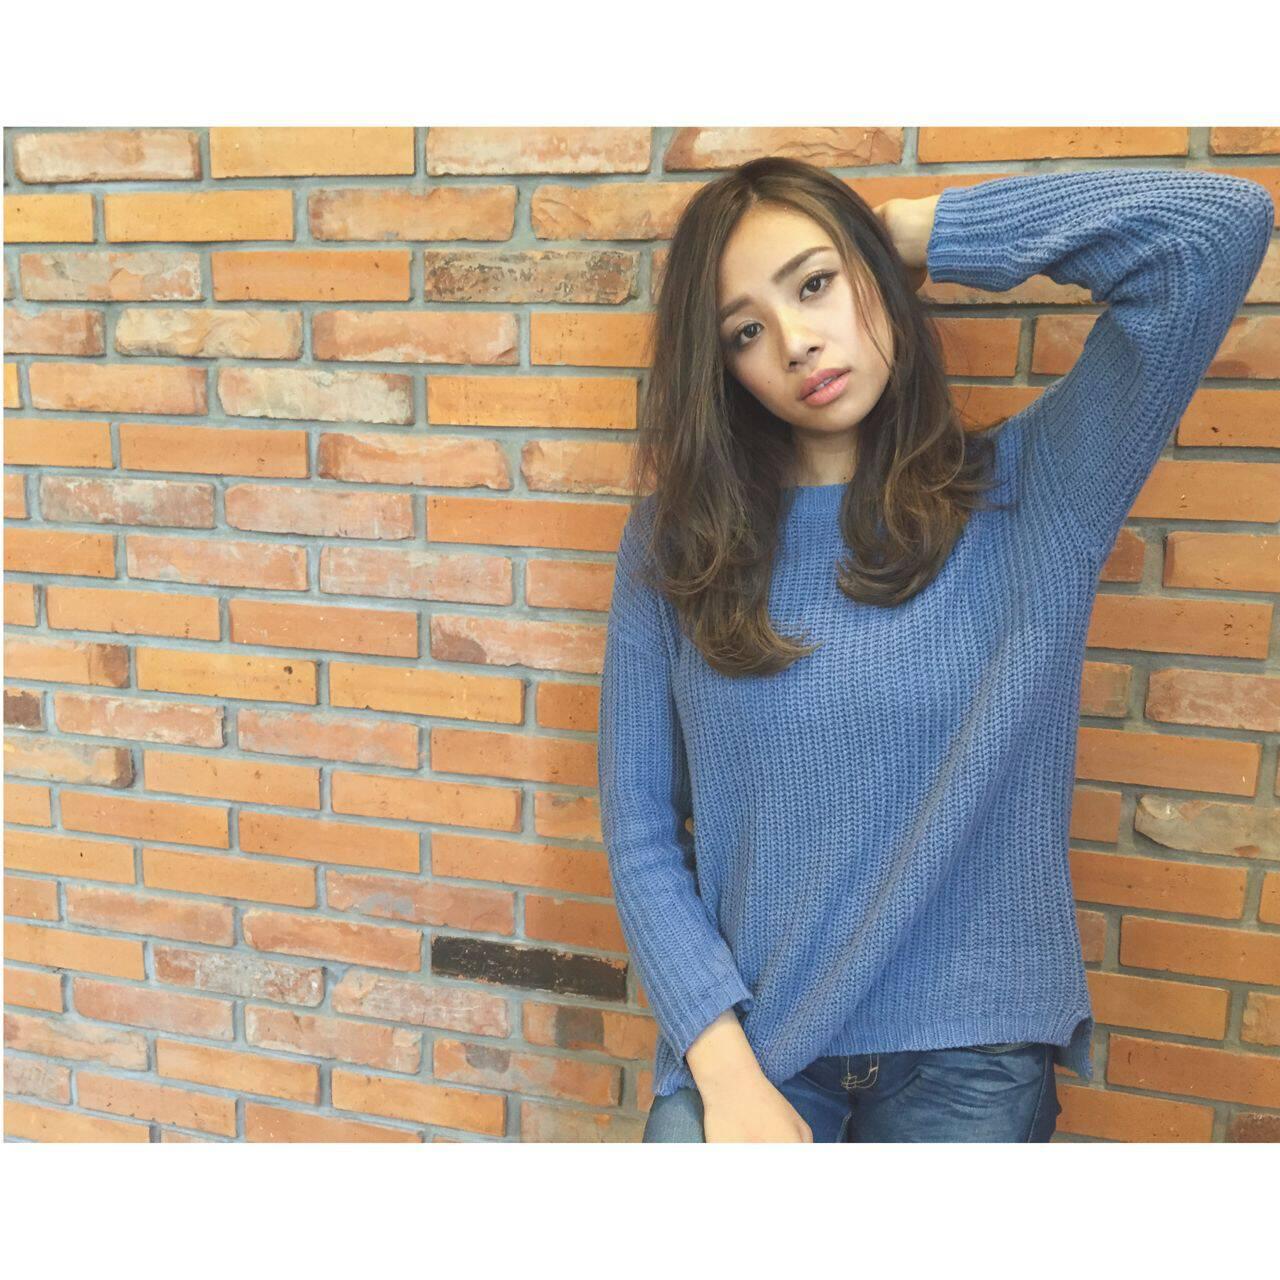 モード グラデーションカラー 外国人風 セミロングヘアスタイルや髪型の写真・画像